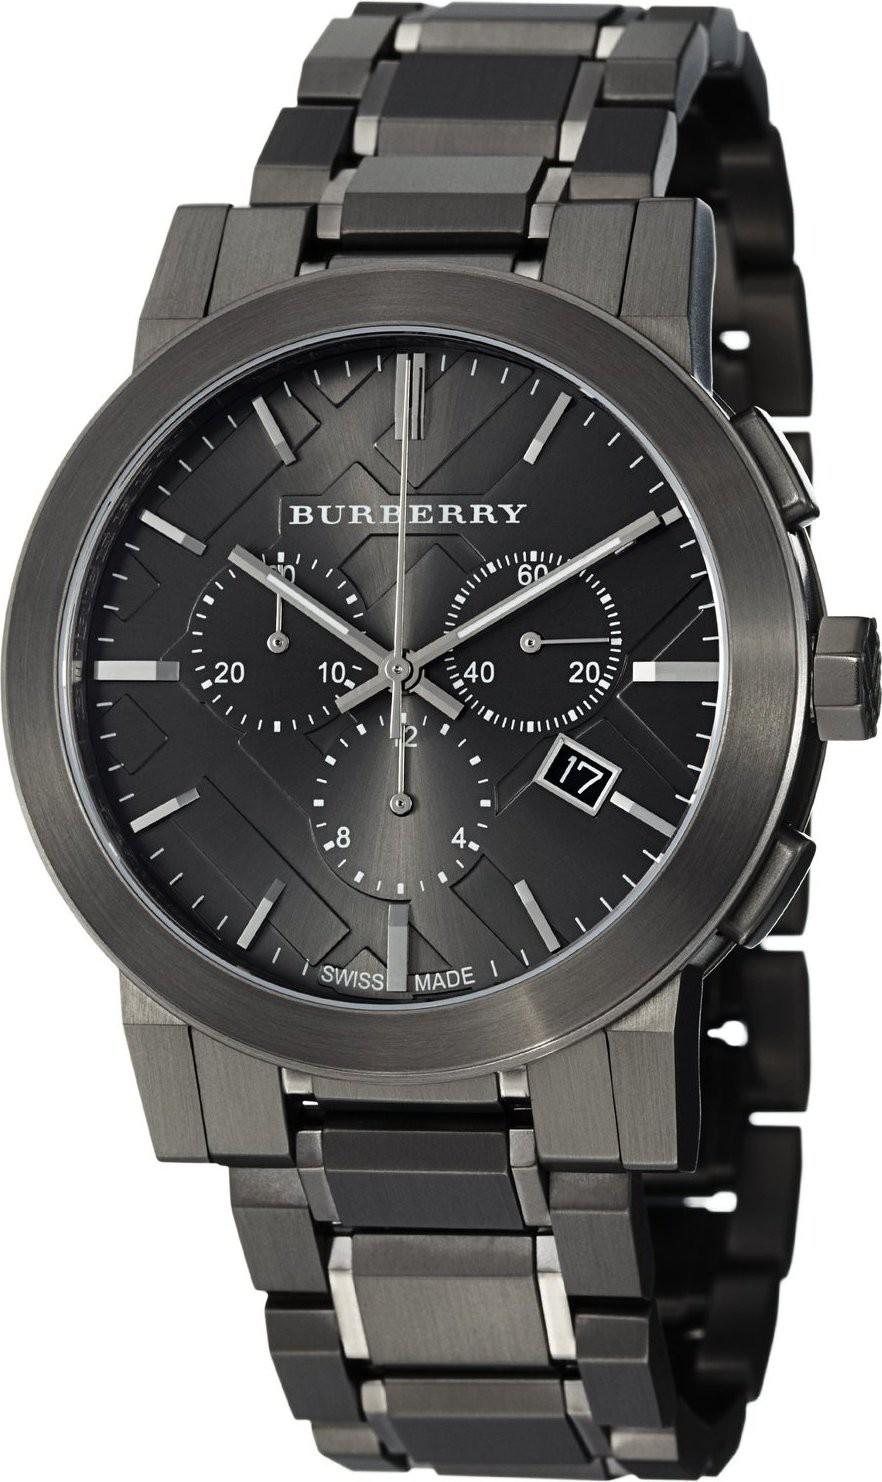 Découvrez le confort de la technologie Air avec les burberry femme montre. Découvrez  tous les styles de burberry femme montre pour hommes, femmes et enfants ... 4e06e278847